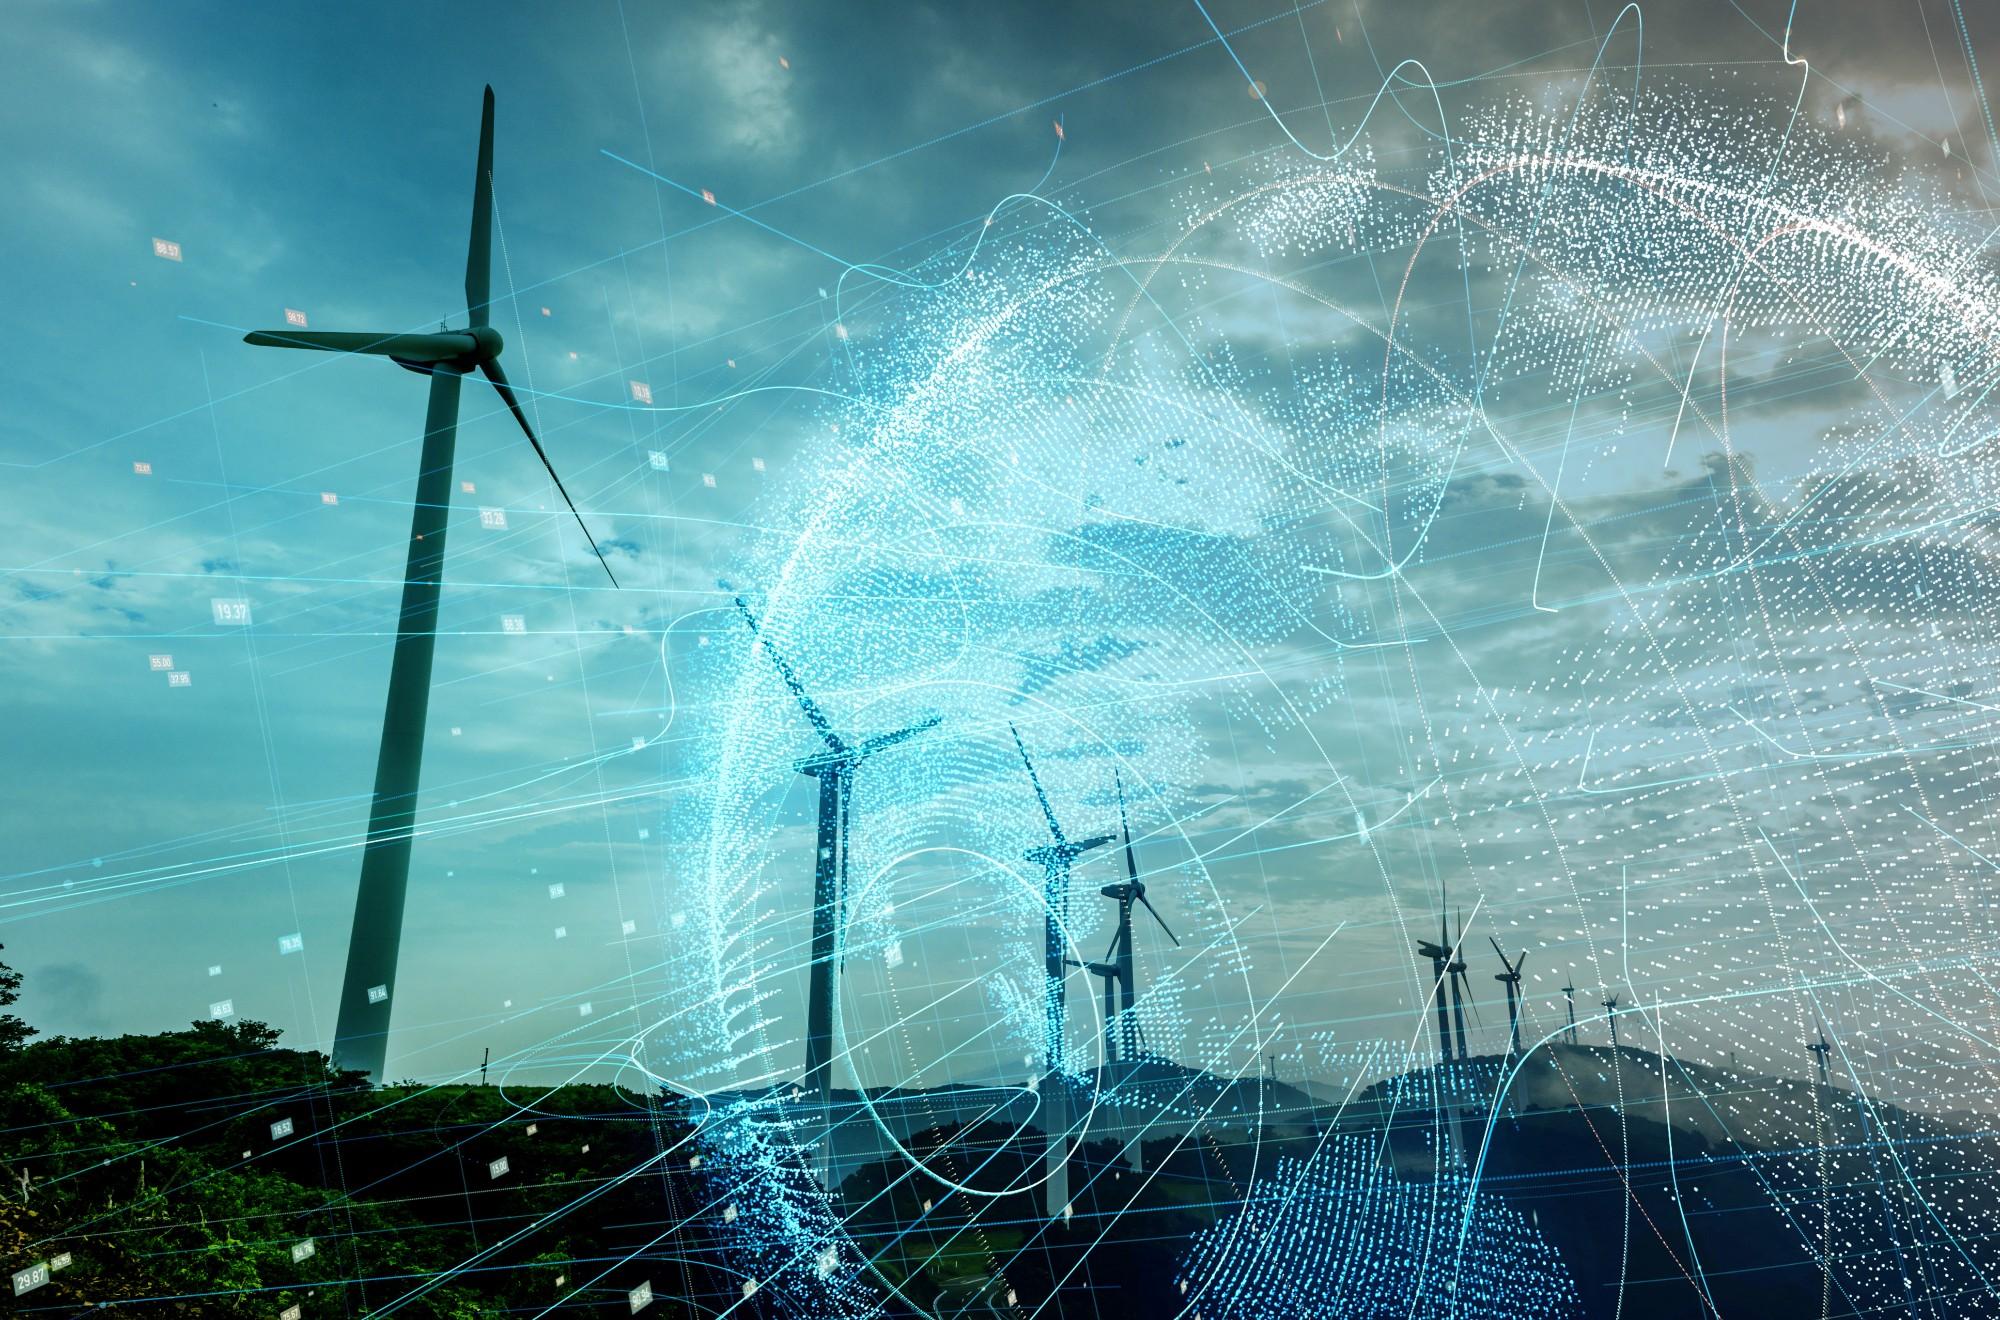 デジタルトランスフォーメーションによる環境負荷への改善策